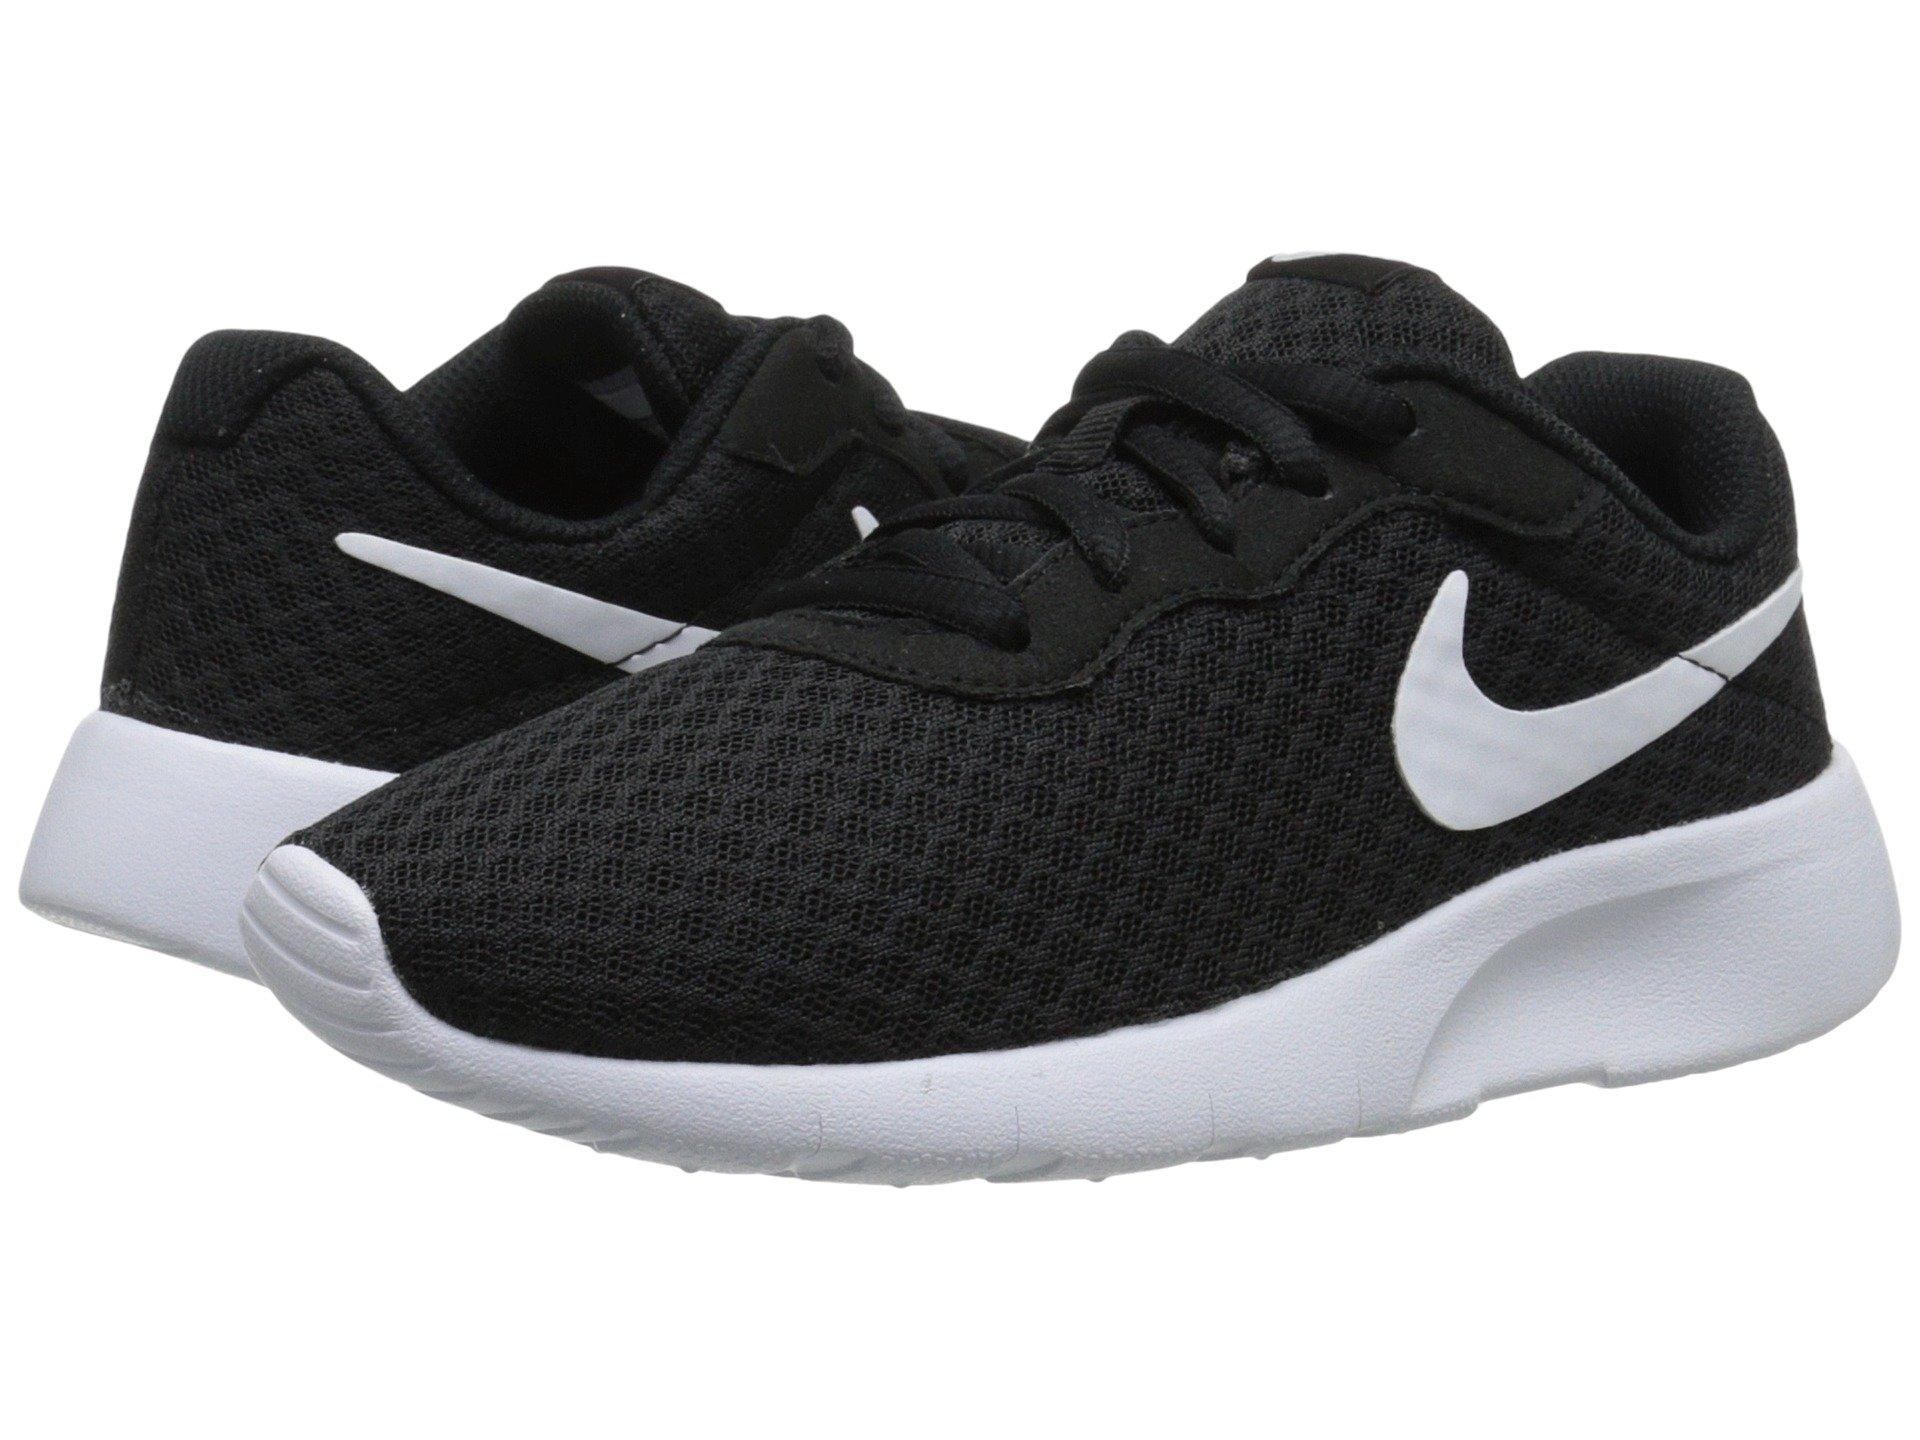 Nike Boy's Tanjun Running Sneaker Black/White-White 1.5 by Nike (Image #5)